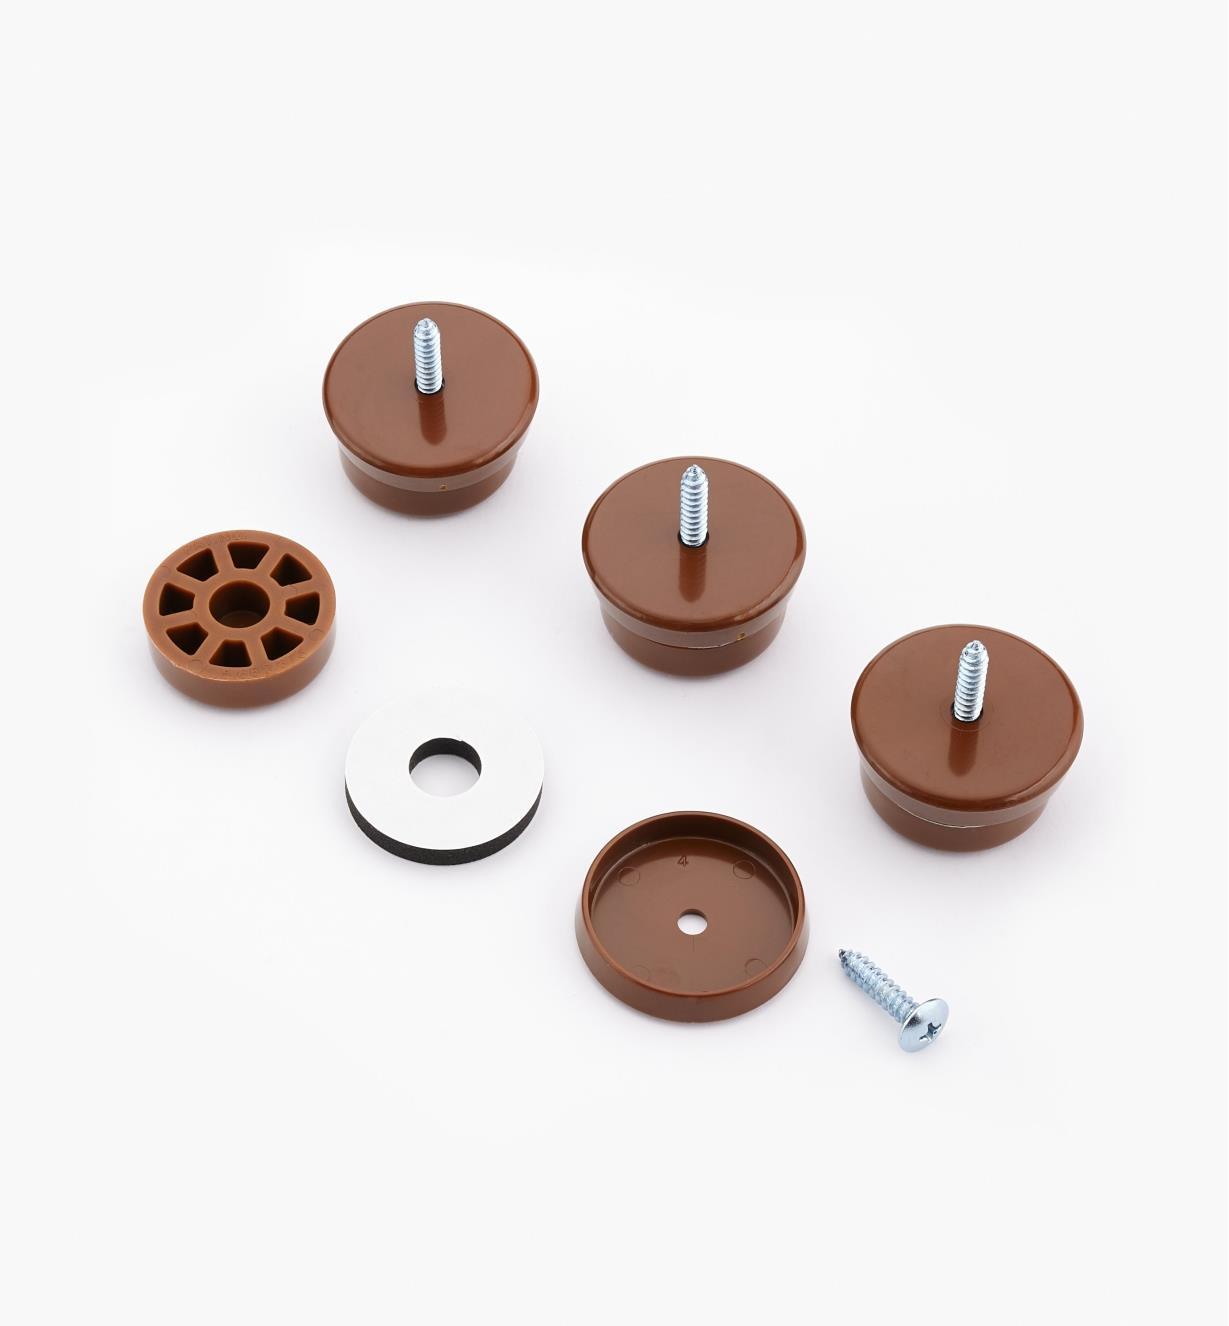 93K8353 - Patins de 11/4po de diamètre, brun, le paquet de4